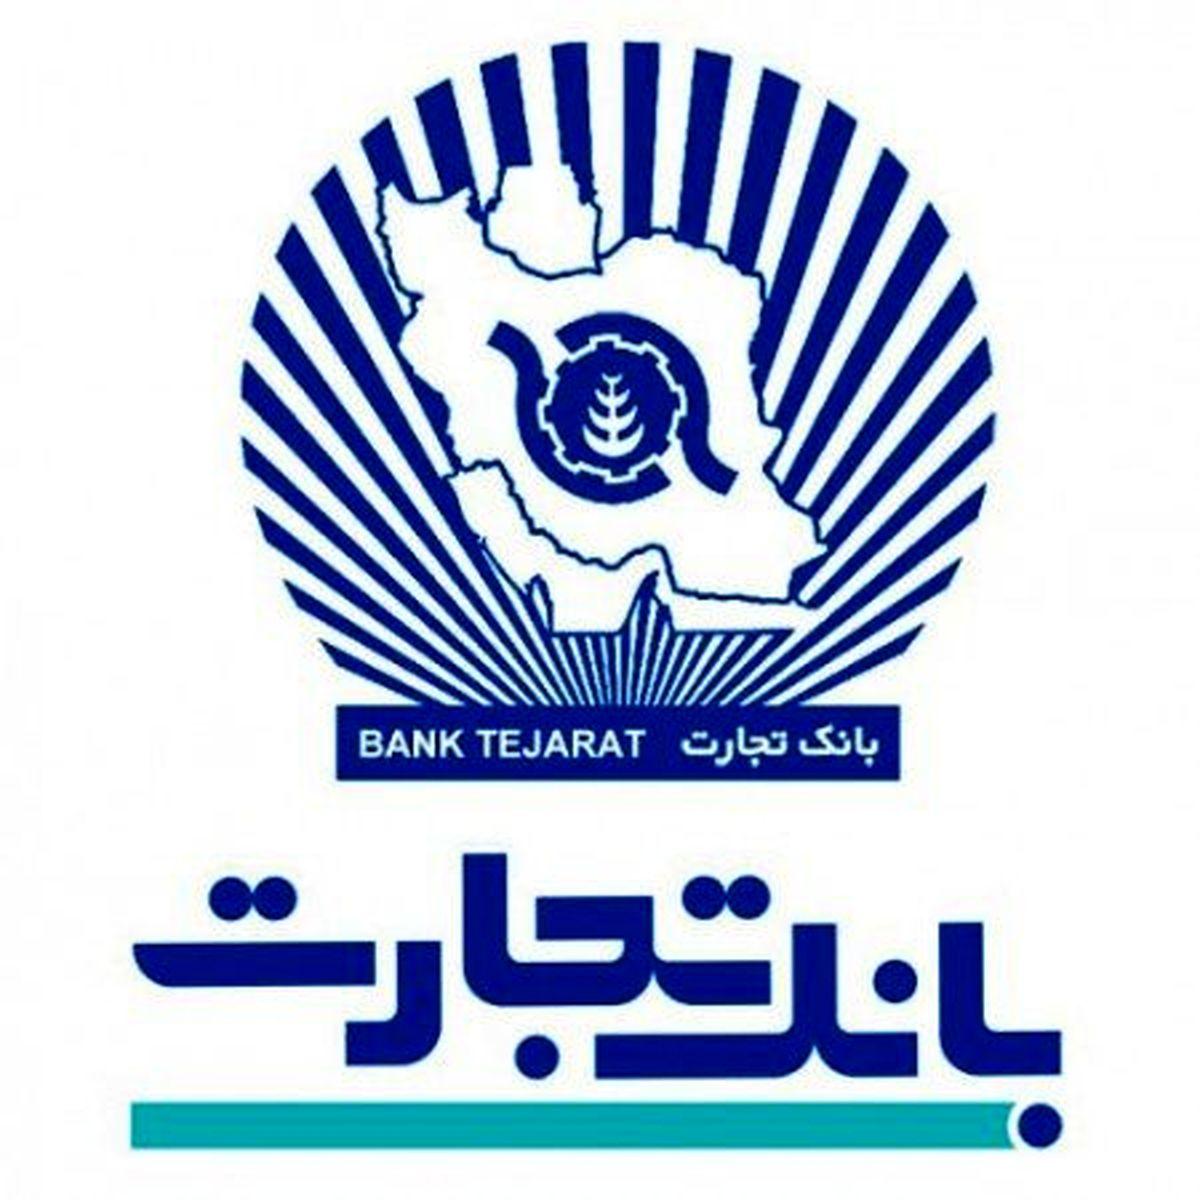 گام بلند بانک تجارت از حمایت از کالای ایرانی تا رونق تولید ملی/جای گیری مناسب بانک تجارت در پازل رونق تولید ملی